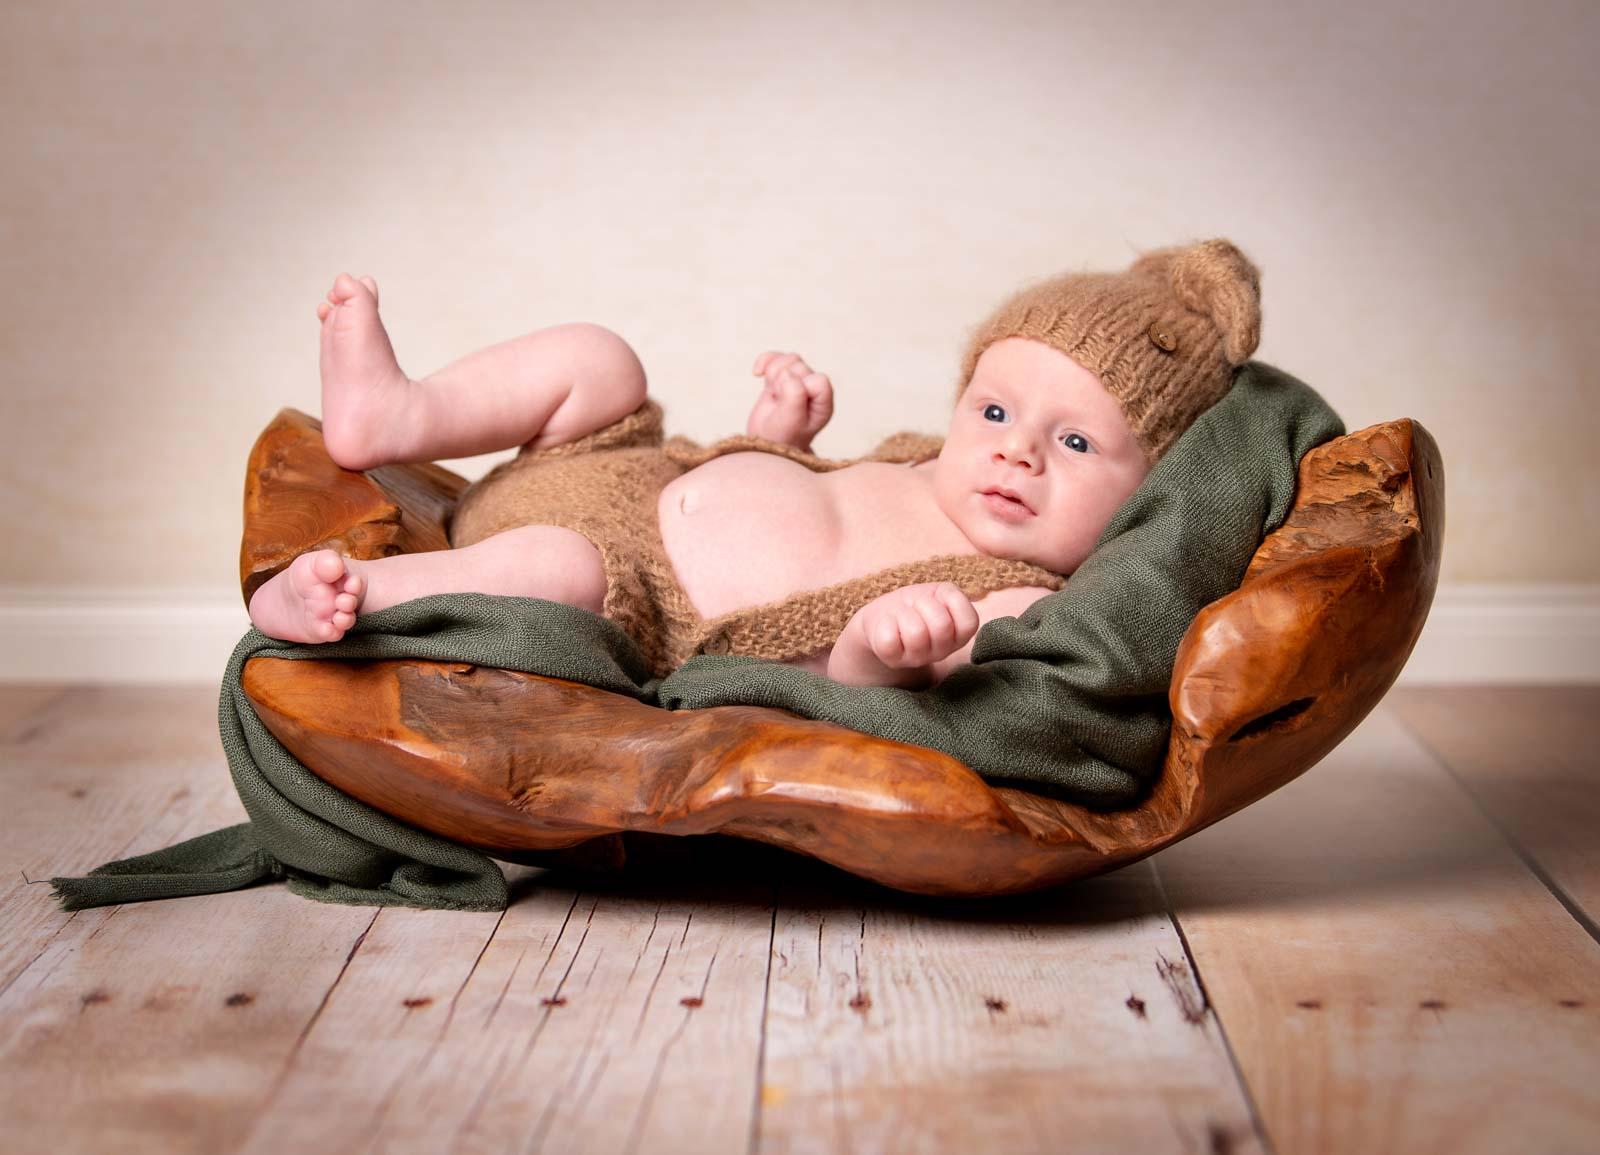 die ersten babys fotostudio speckswinkel